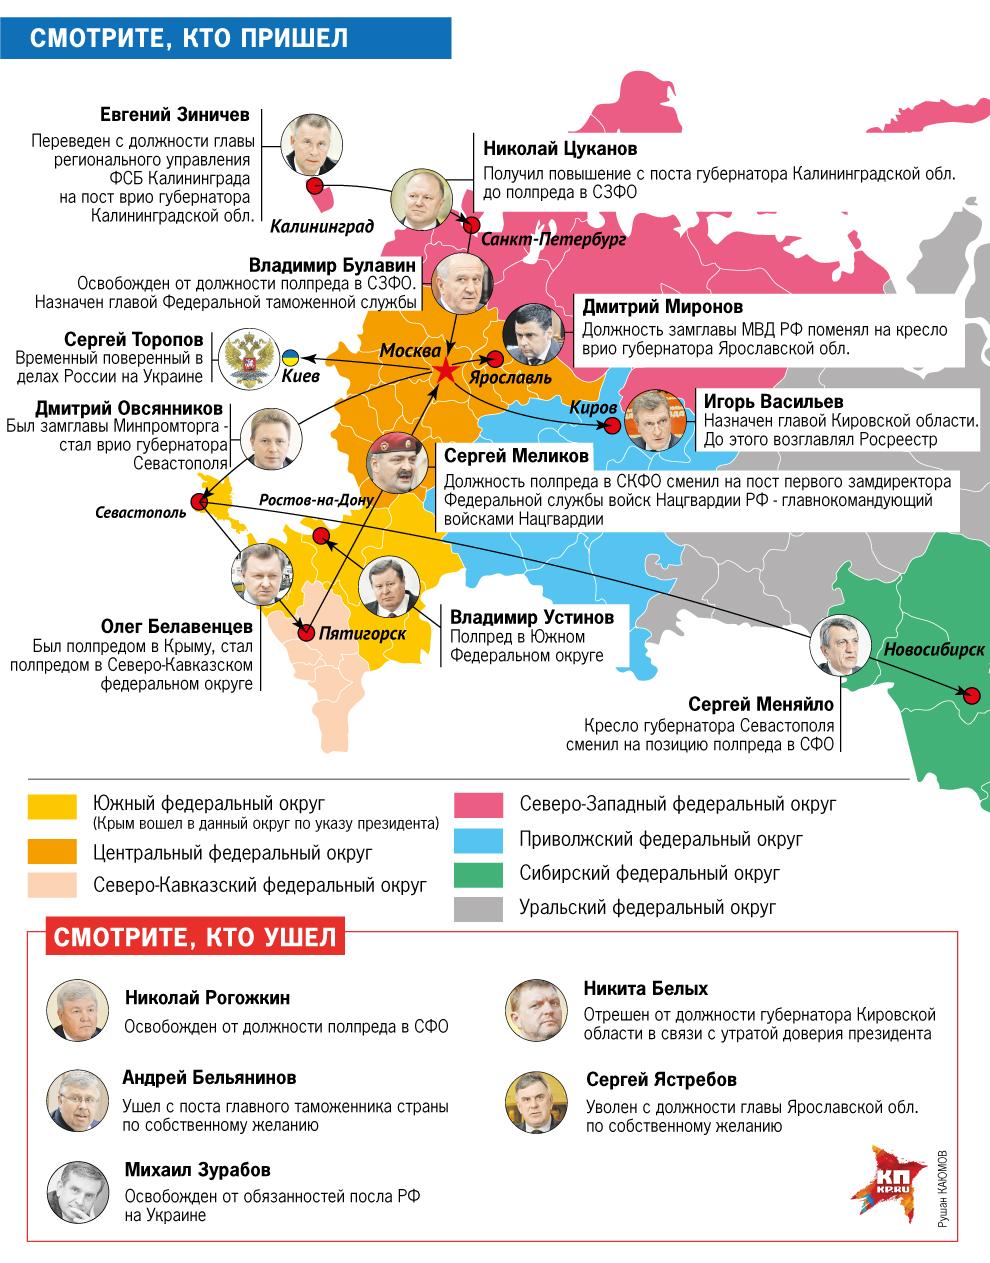 Путин отправляет в отставку ряд ключевых фигур